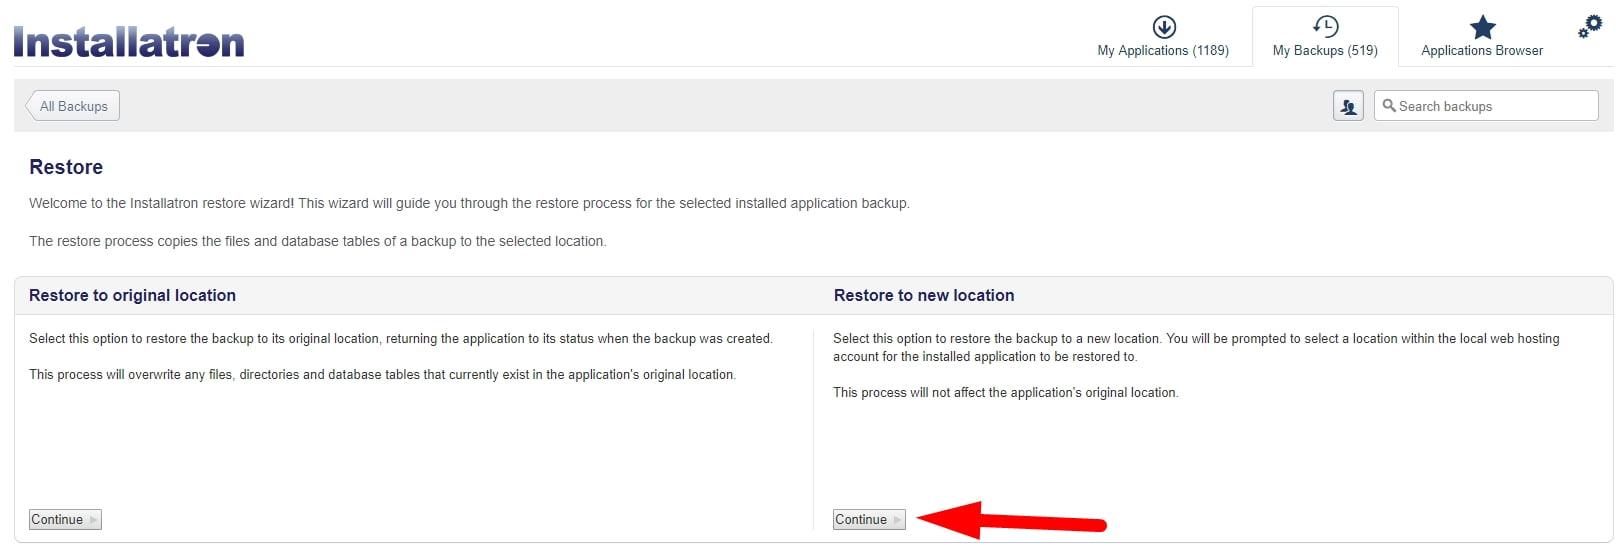 Cómo duplicar WordPress entre sus cuentas con Installatron